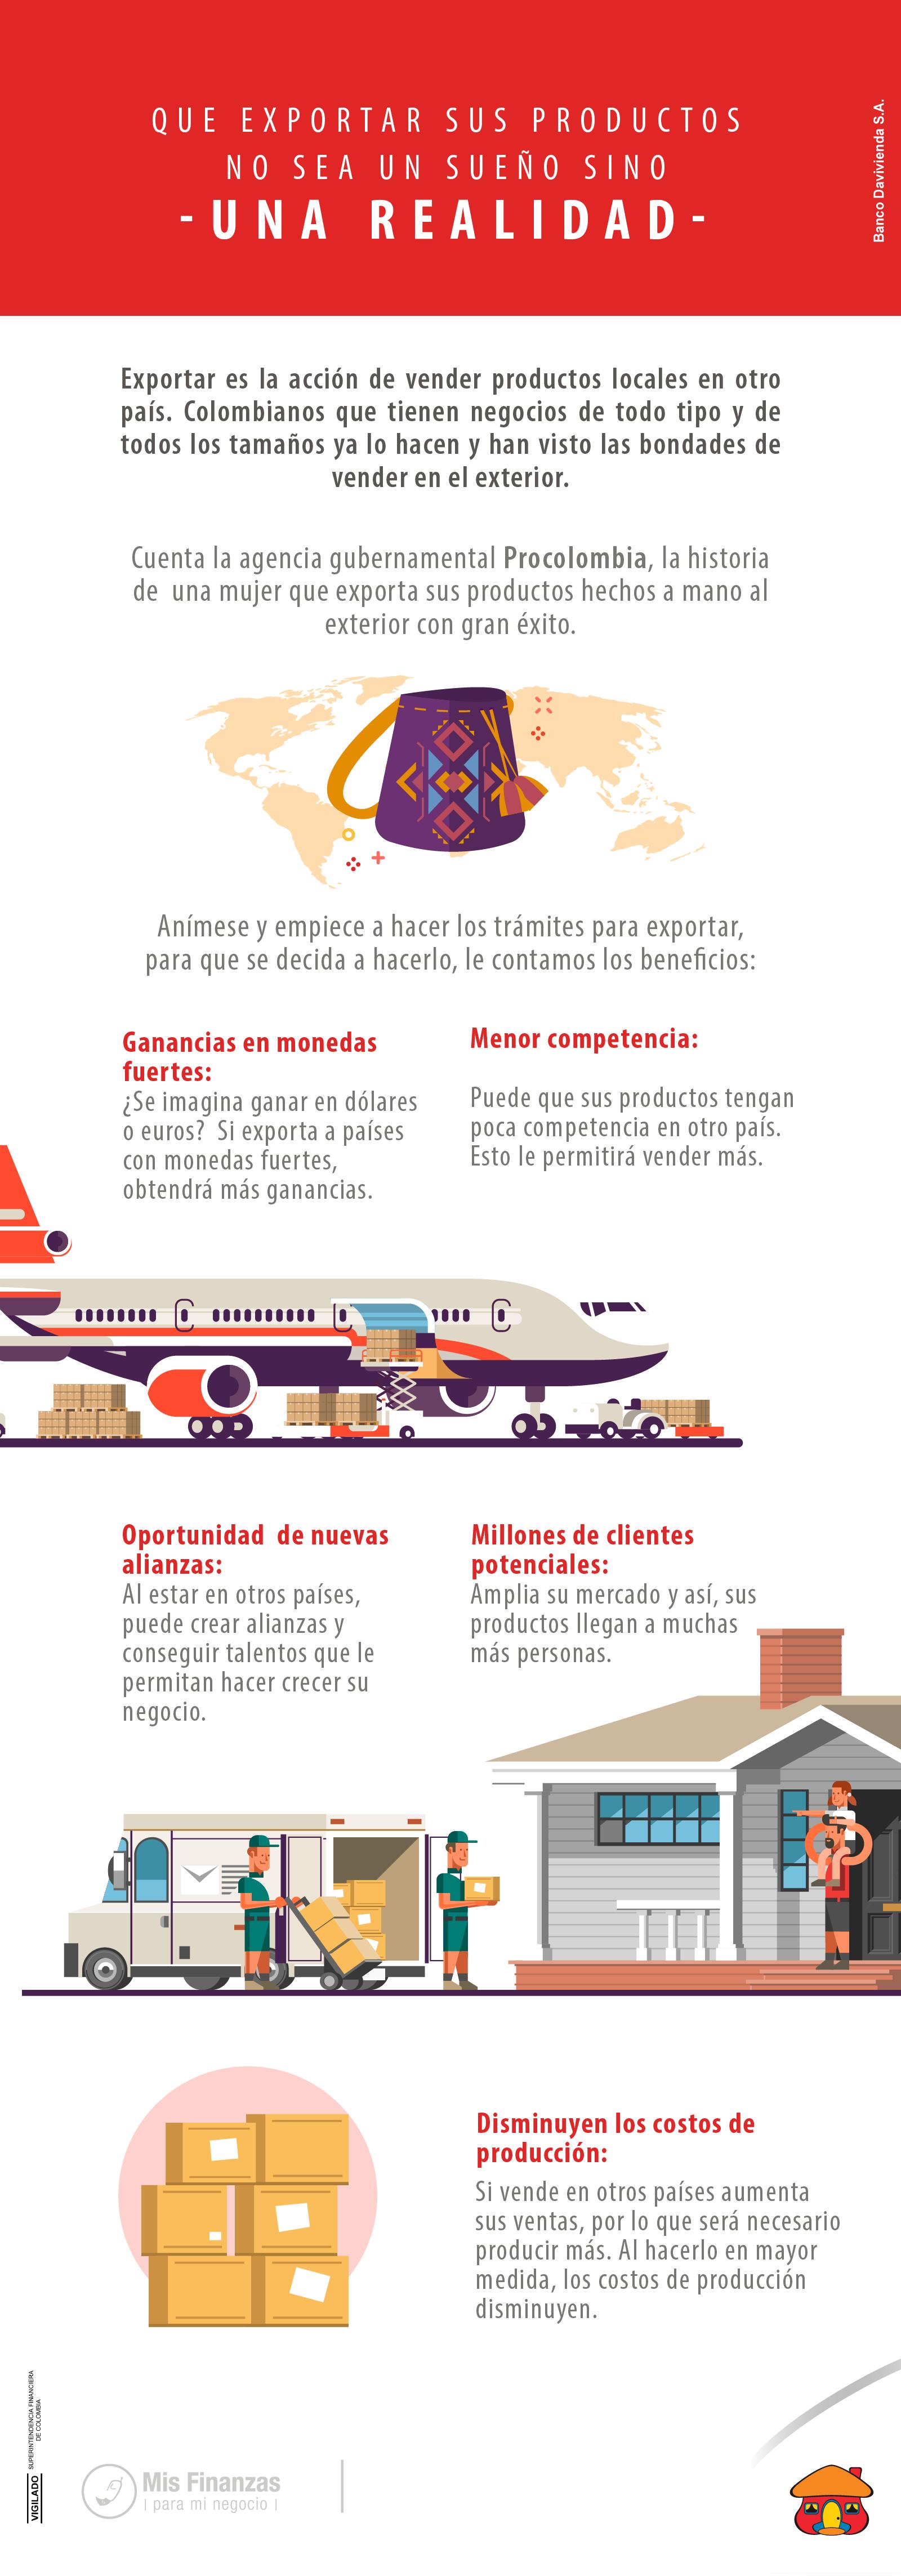 MFN-Exportar sus productos (1)